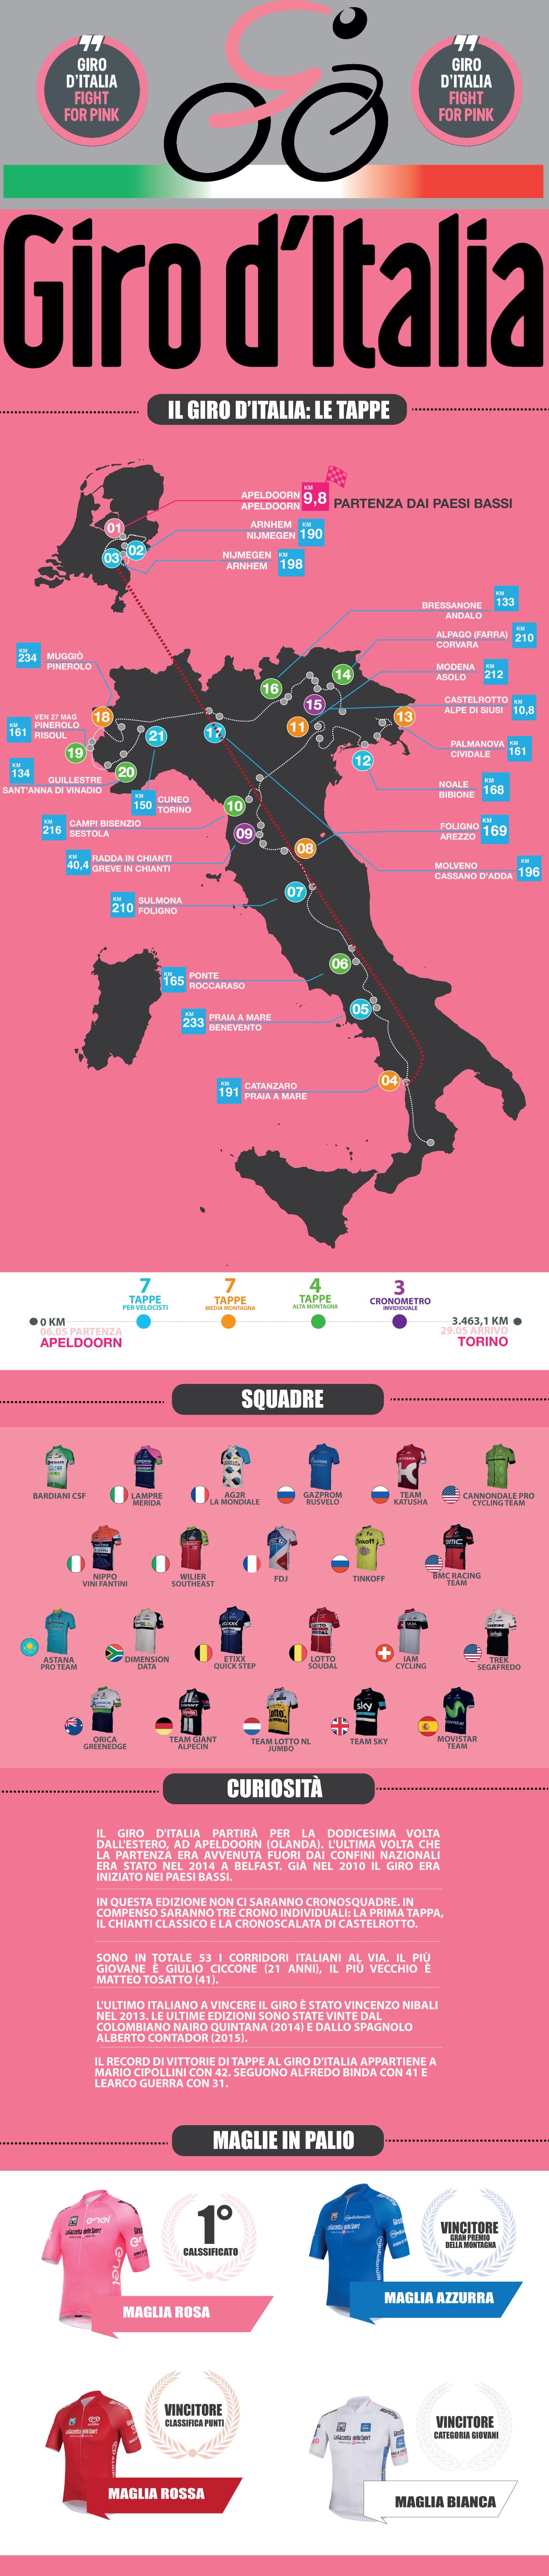 Giro d'Italia 2016 informazioni